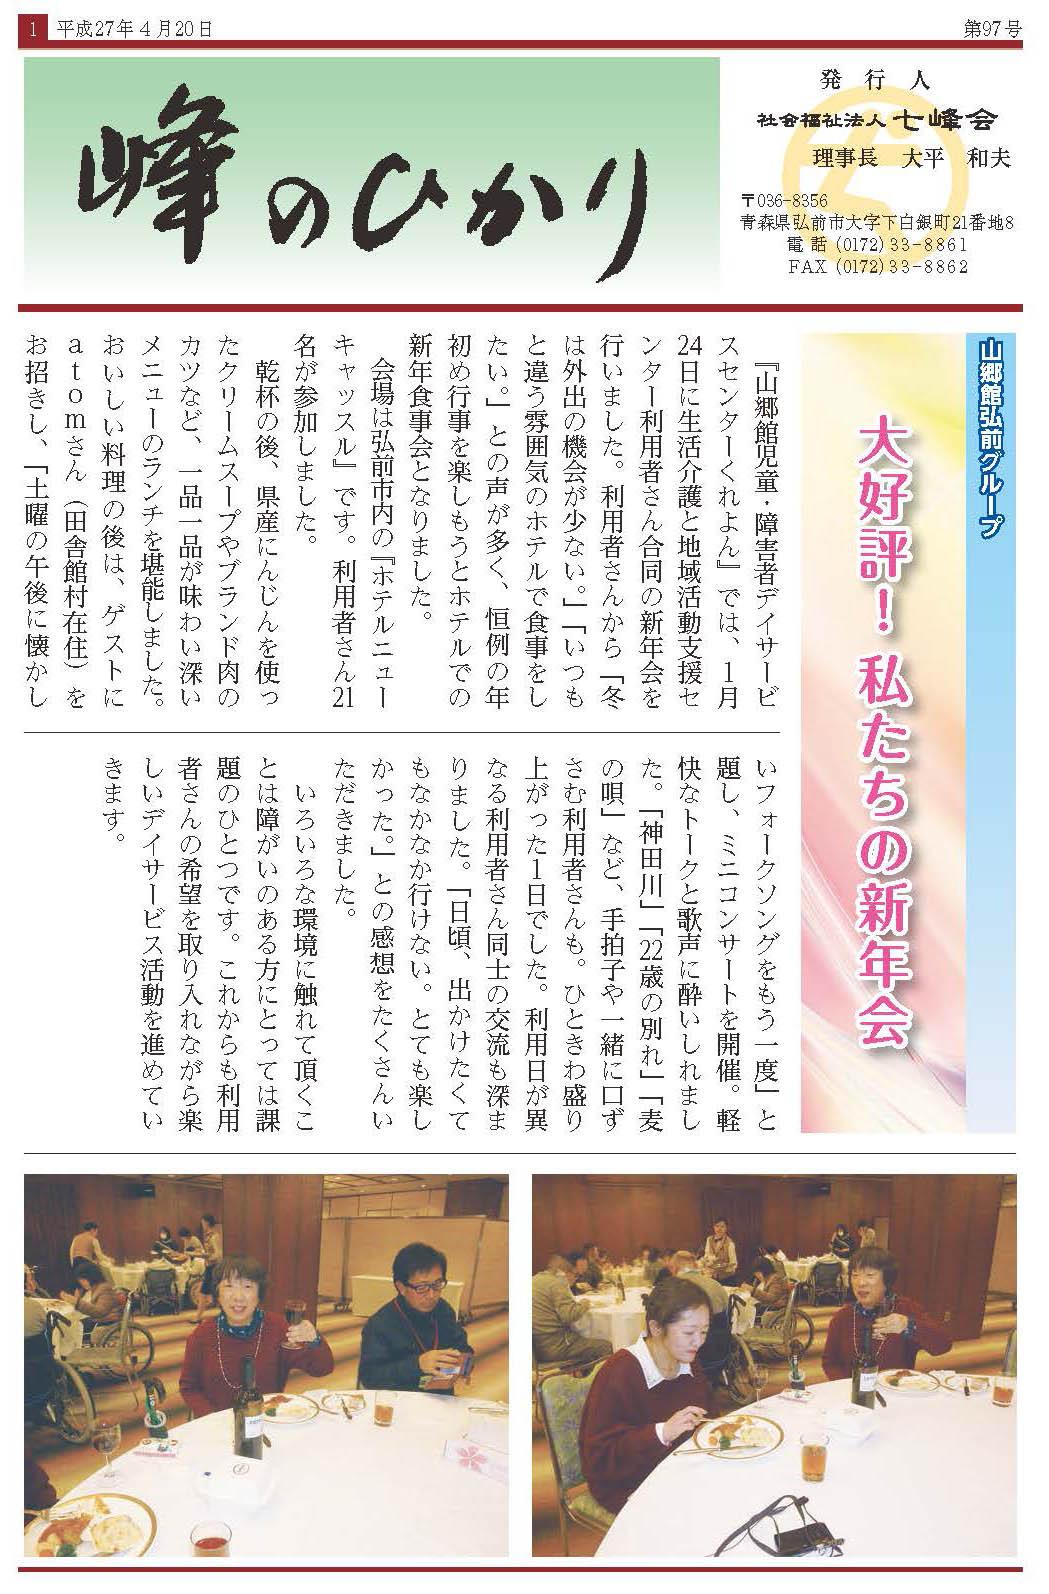 「峰のひかり」第97号のダウンロード[PDF:1.26MB]